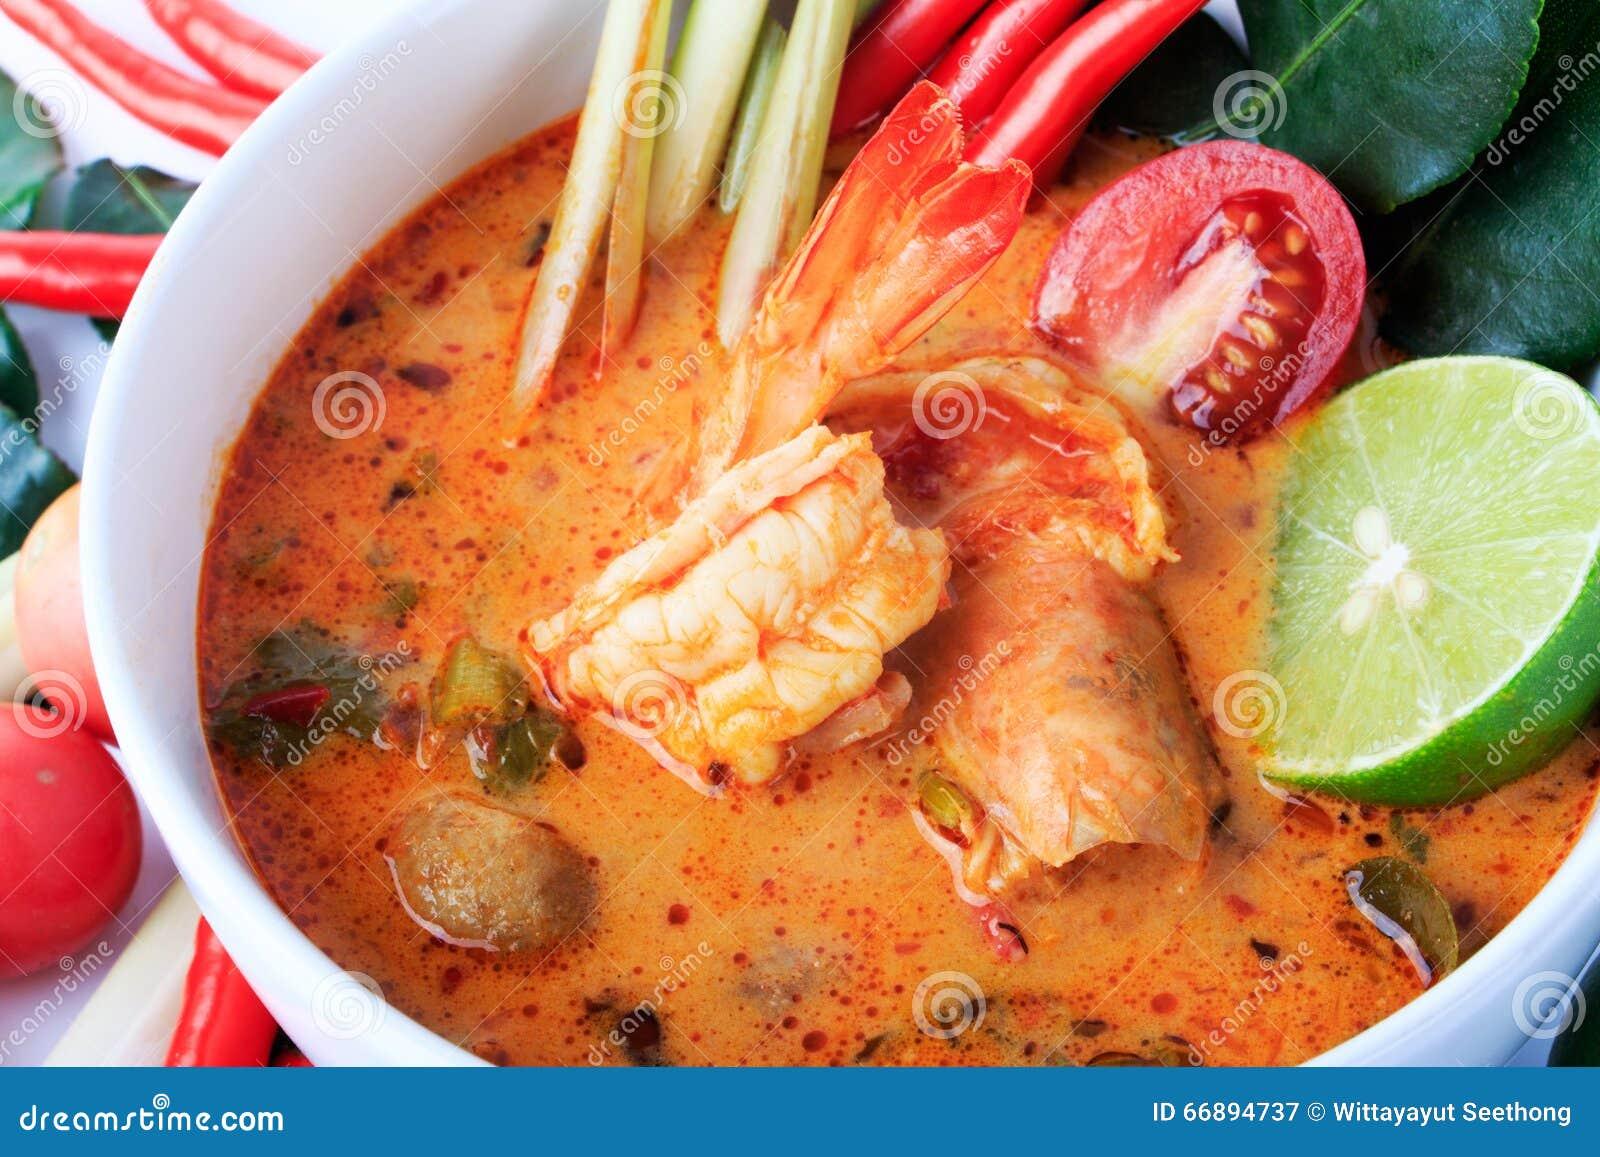 Sopa tailandesa do camarão com nardo (Tom Yum Goong) no fundo branco